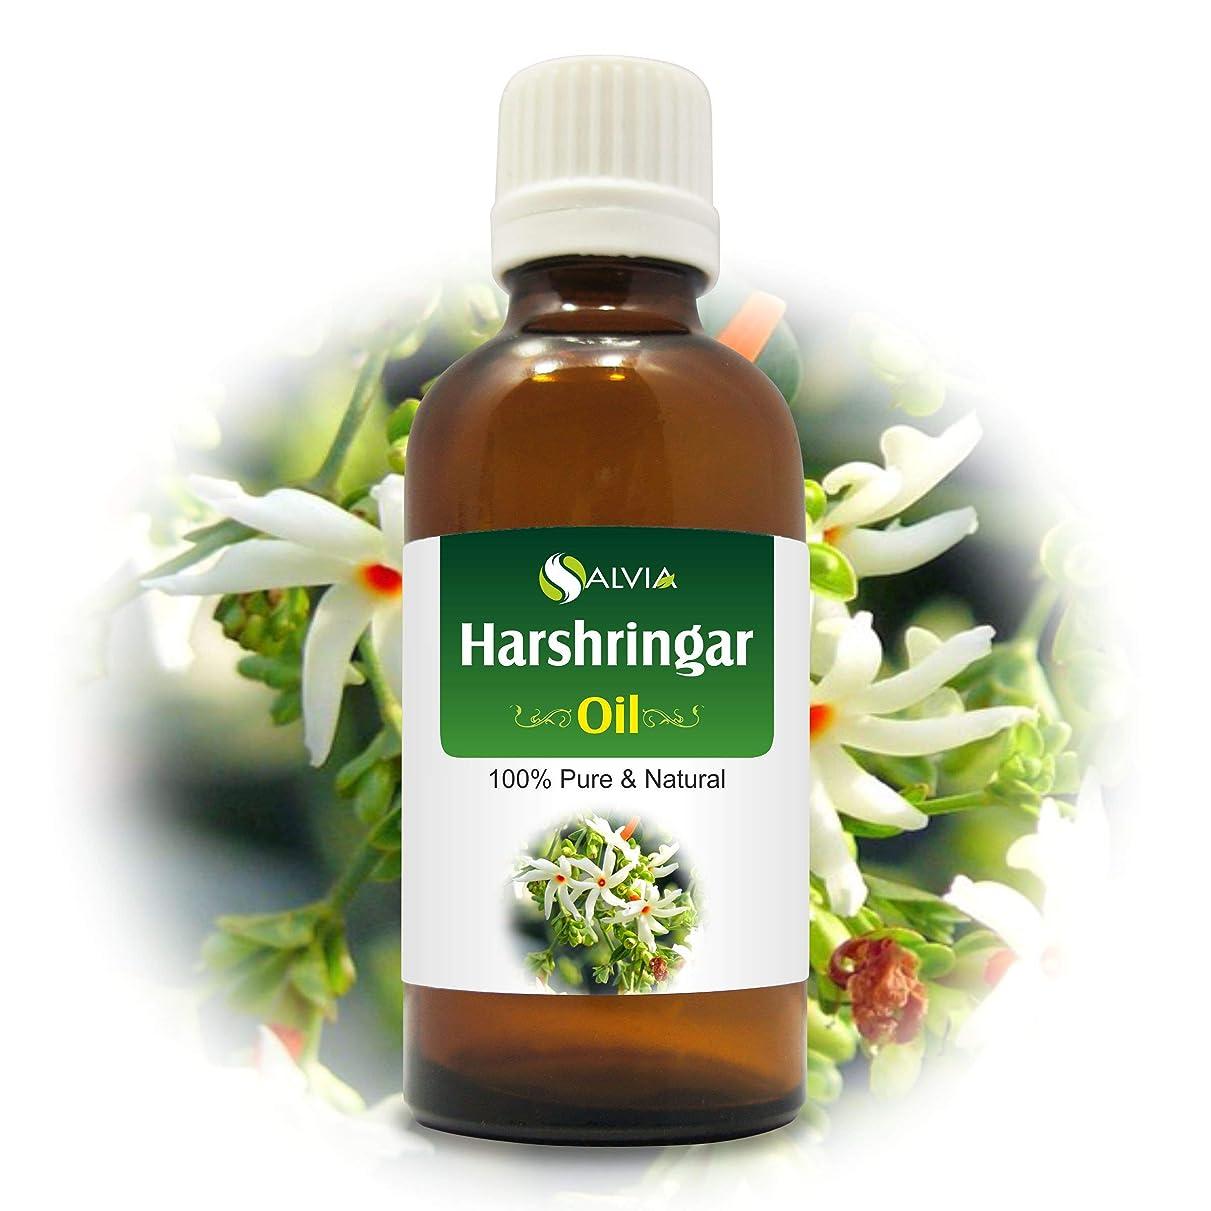 政治家の不快接ぎ木Harshringar Oil (Nyctanthes arbor-tristis) 100% Natural Pure Undiluted Uncut Essential Oil 30ml